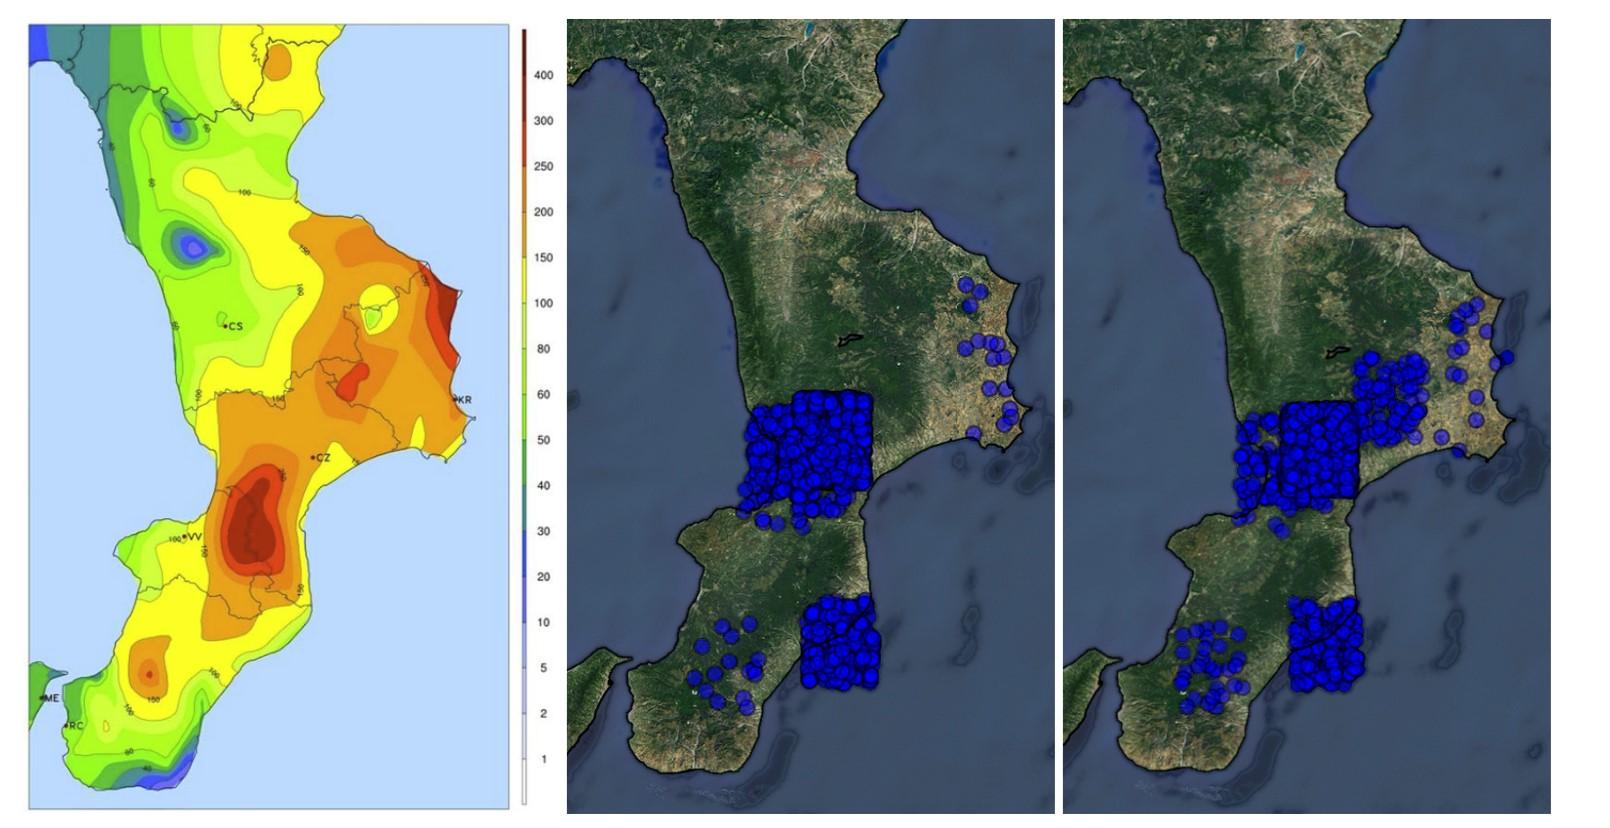 Redes sociales y modelos hidrológicos para hacer frente a las inundaciones